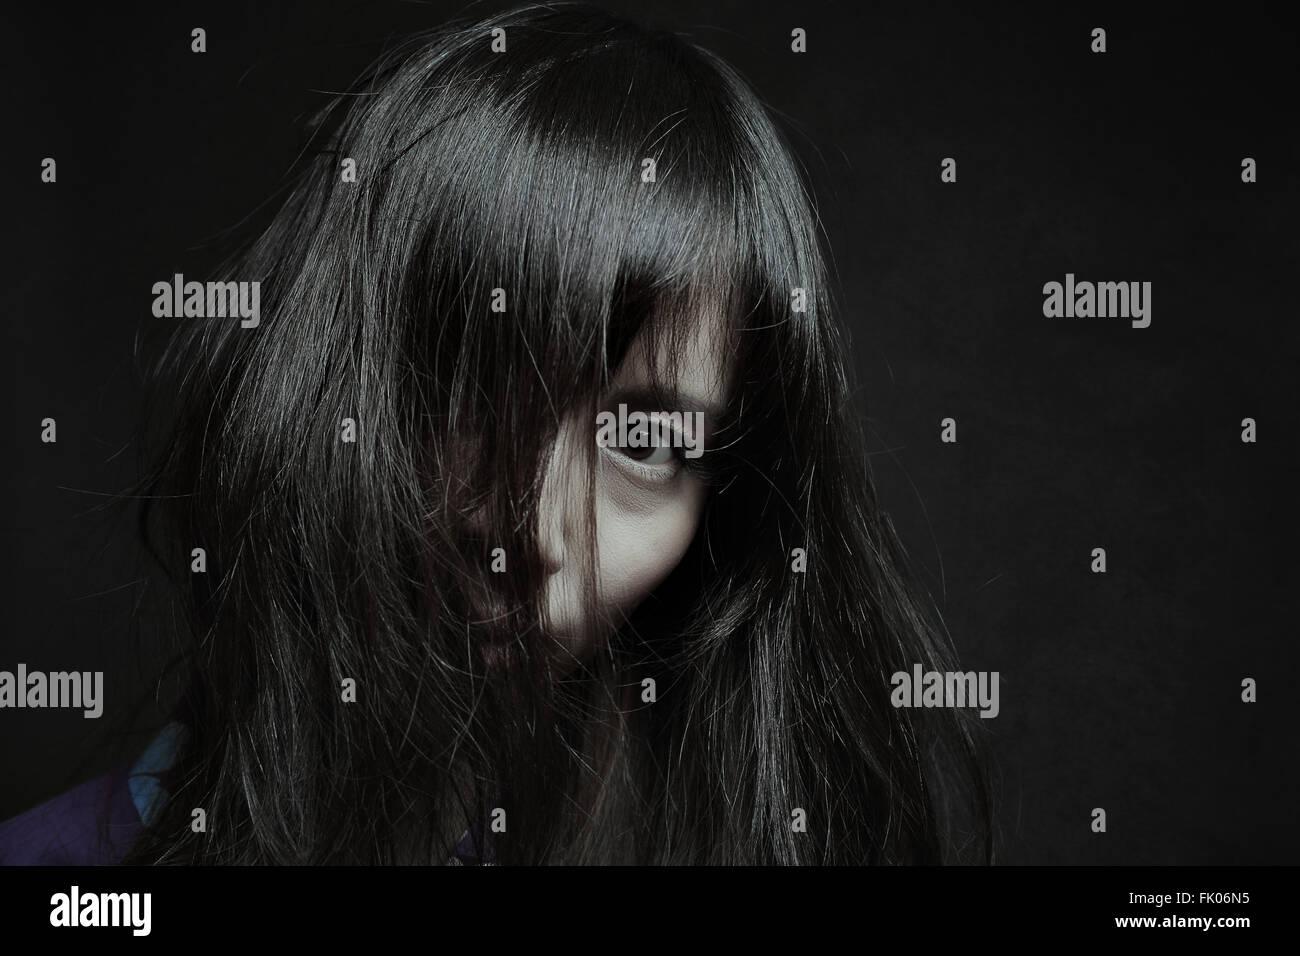 Portrait sombre d'une femme japonaise pâle. Horreur et Halloween Photo Stock